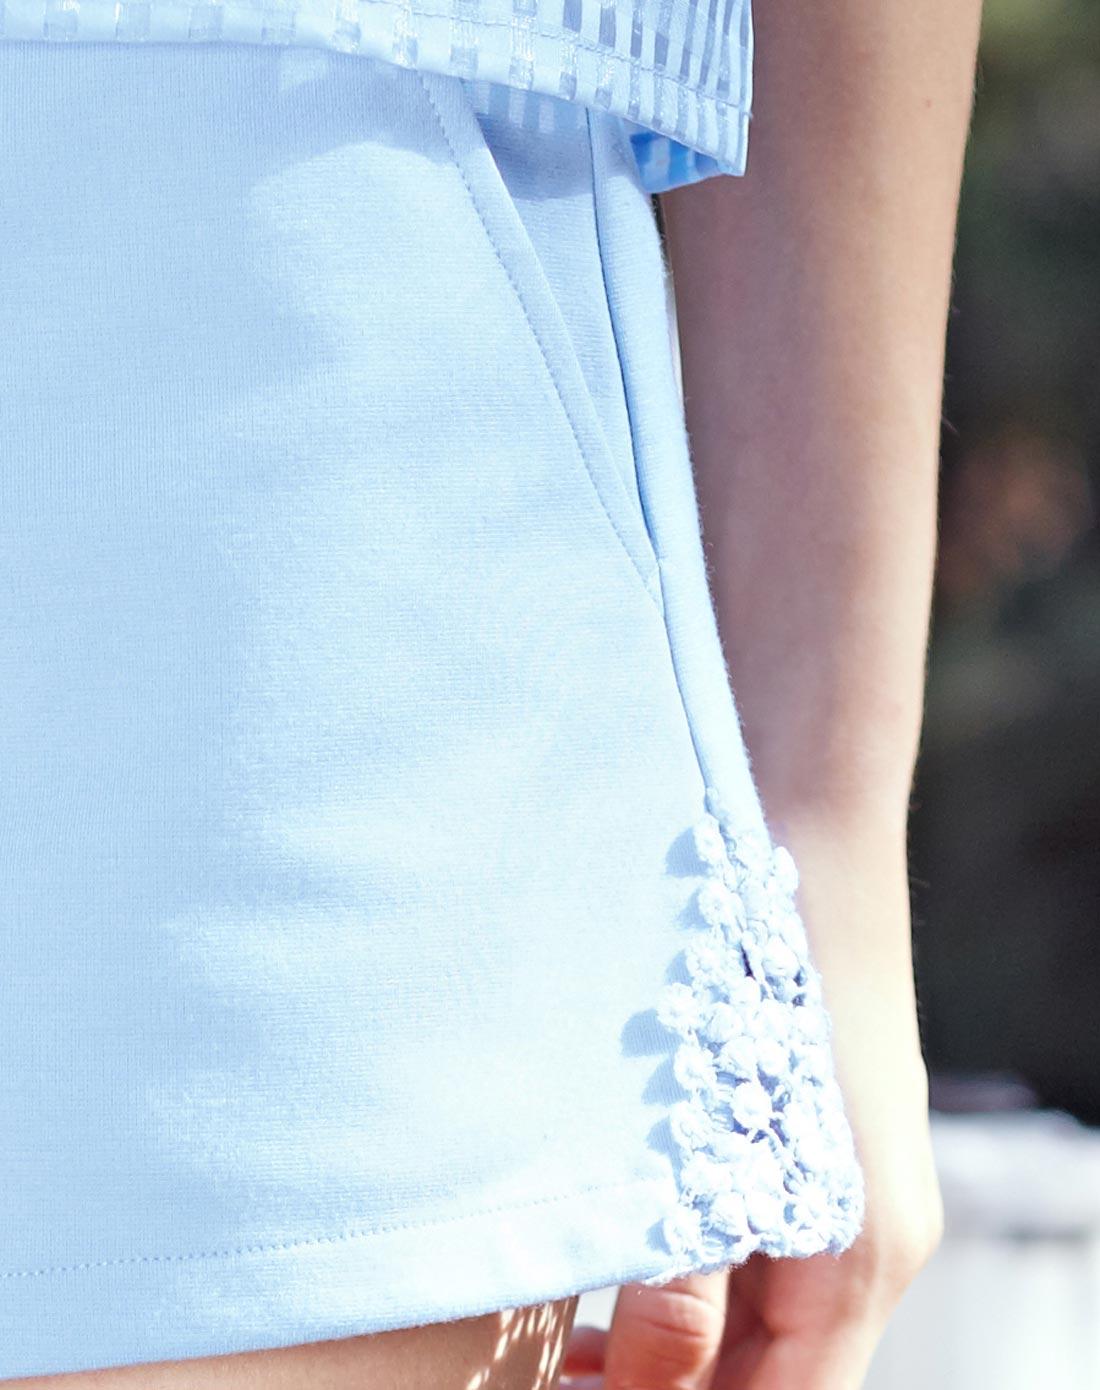 天使之城女装移动端专场天使之城浅蓝花边装饰弹性